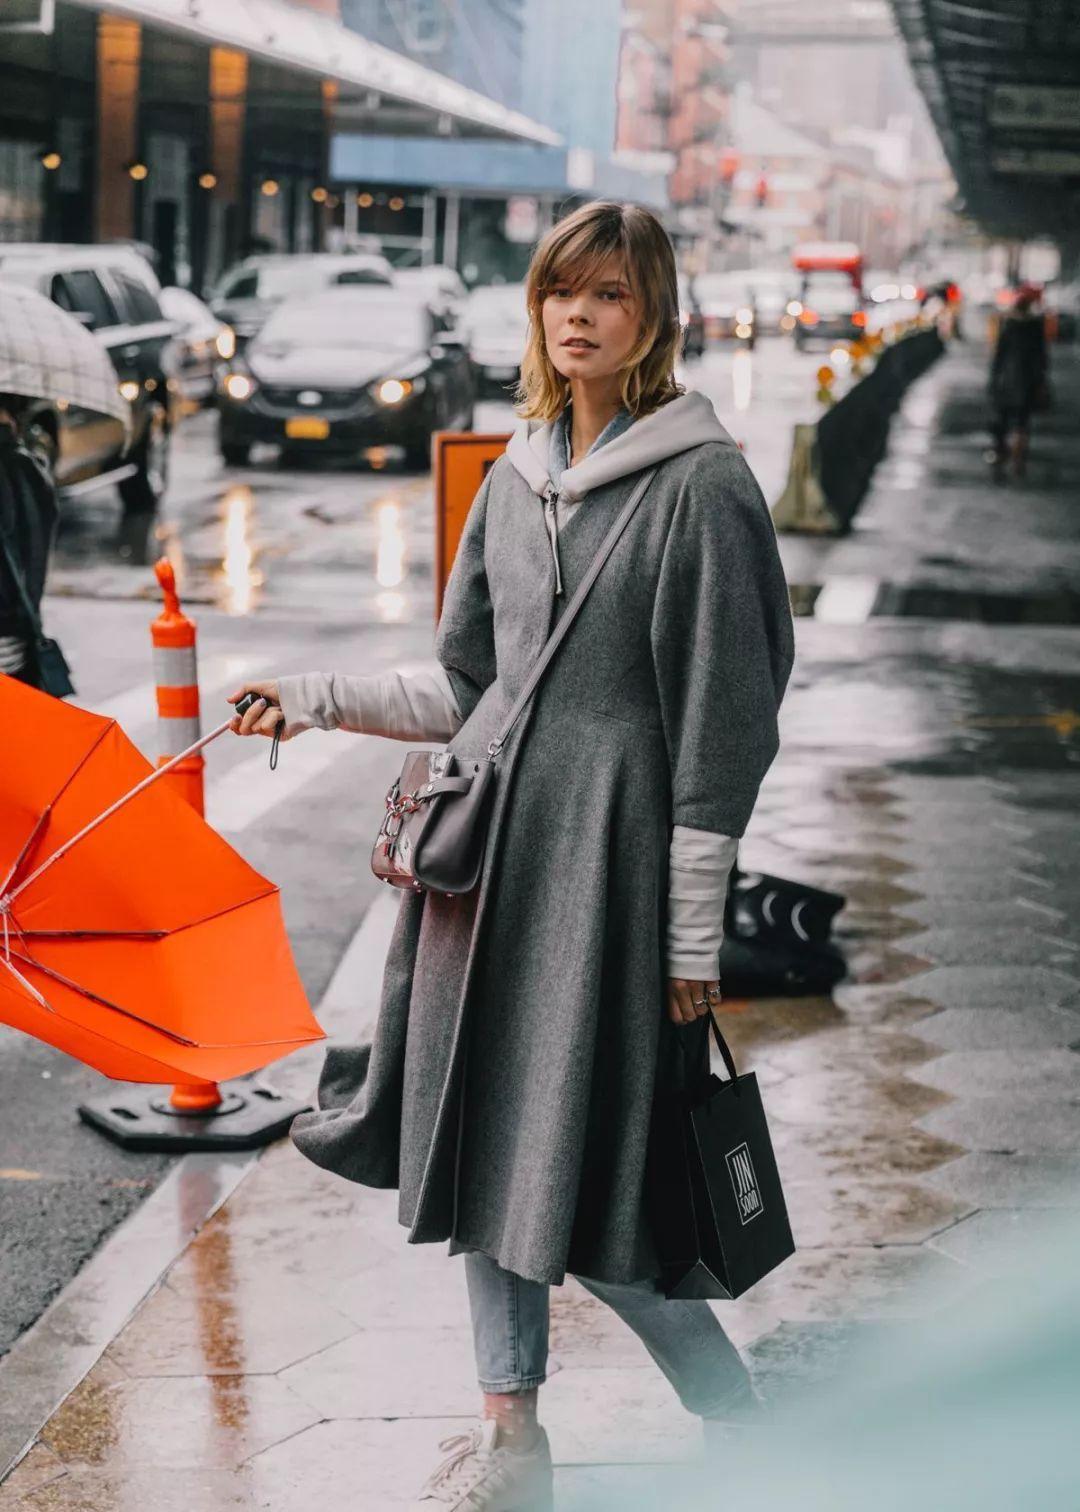 街拍:一件棕色风衣穿搭潮流范儿十足,大气时尚中带着高雅的气质